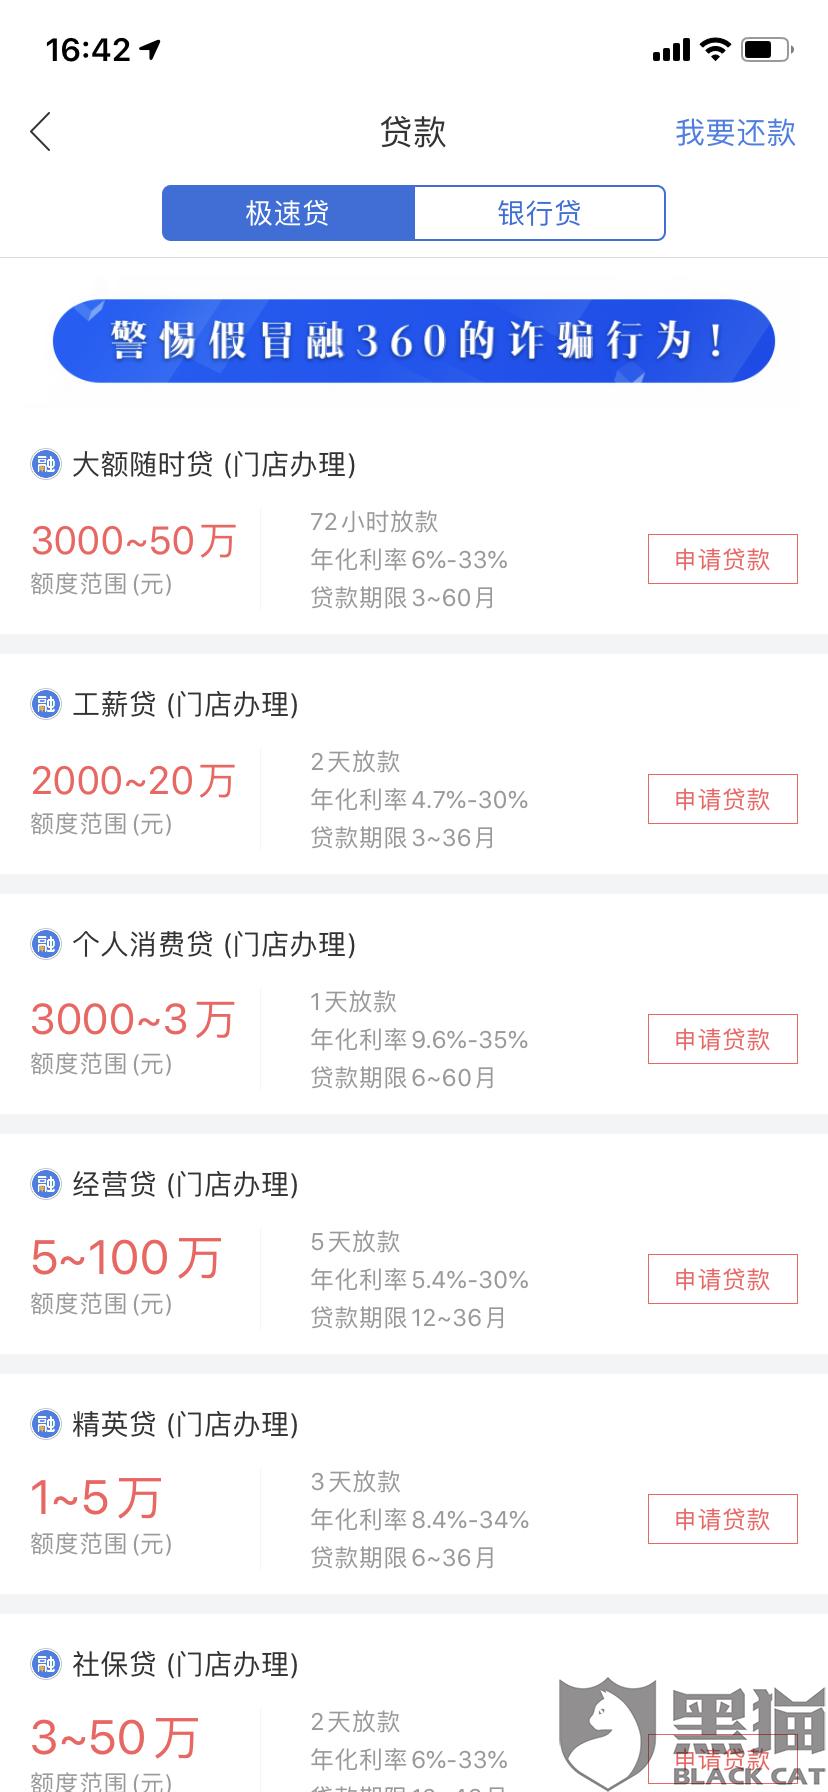 黑猫投诉:融360极速贷门店骗钱